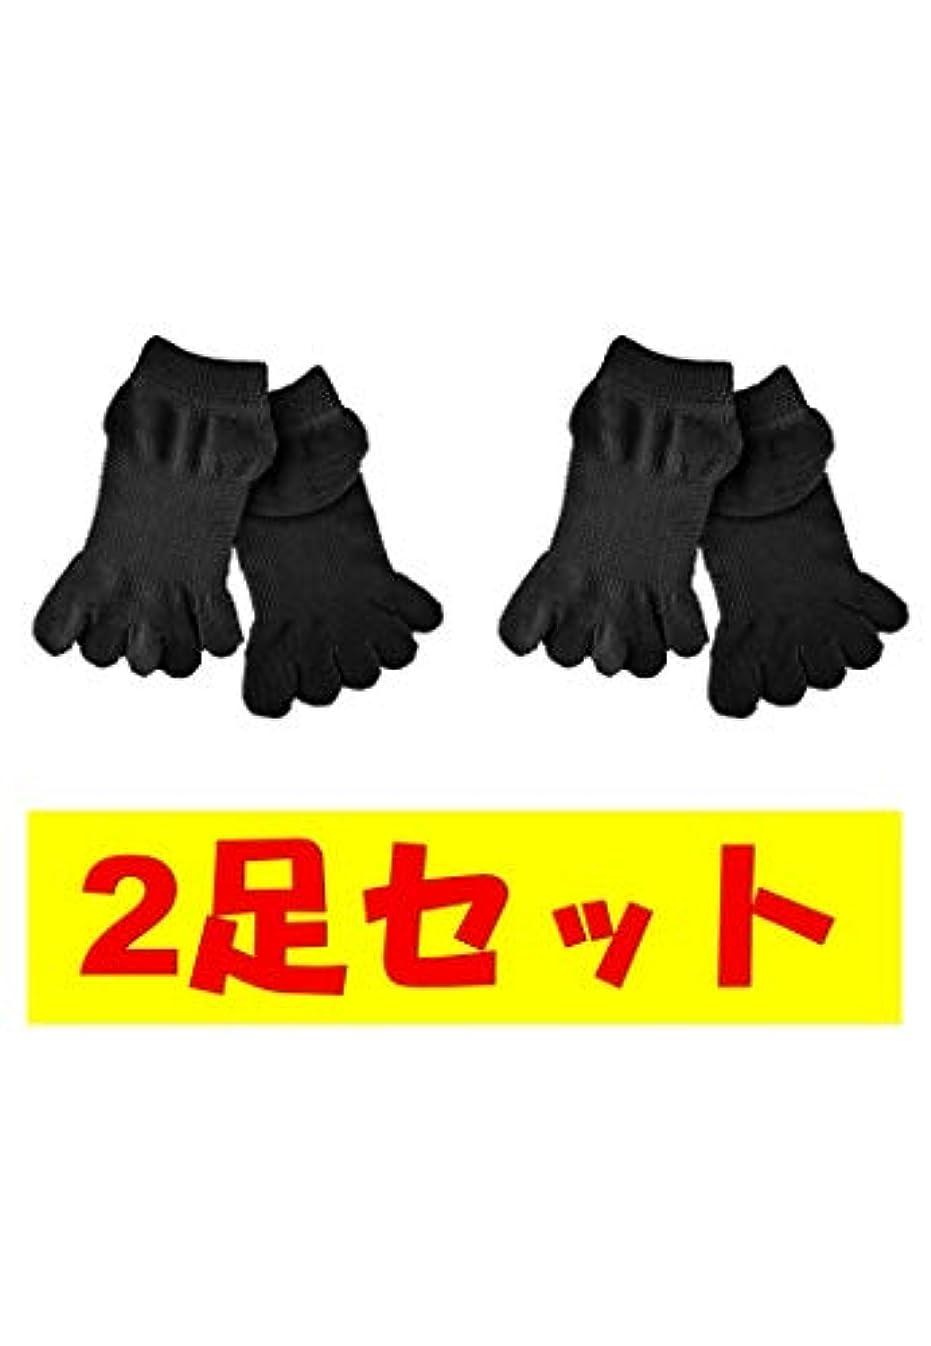 スコットランド人日の出テンションお買い得2足セット 5本指 ゆびのばソックス ゆびのば アンクル ブラック iサイズ 23.5cm-25.5cm YSANKL-BLK